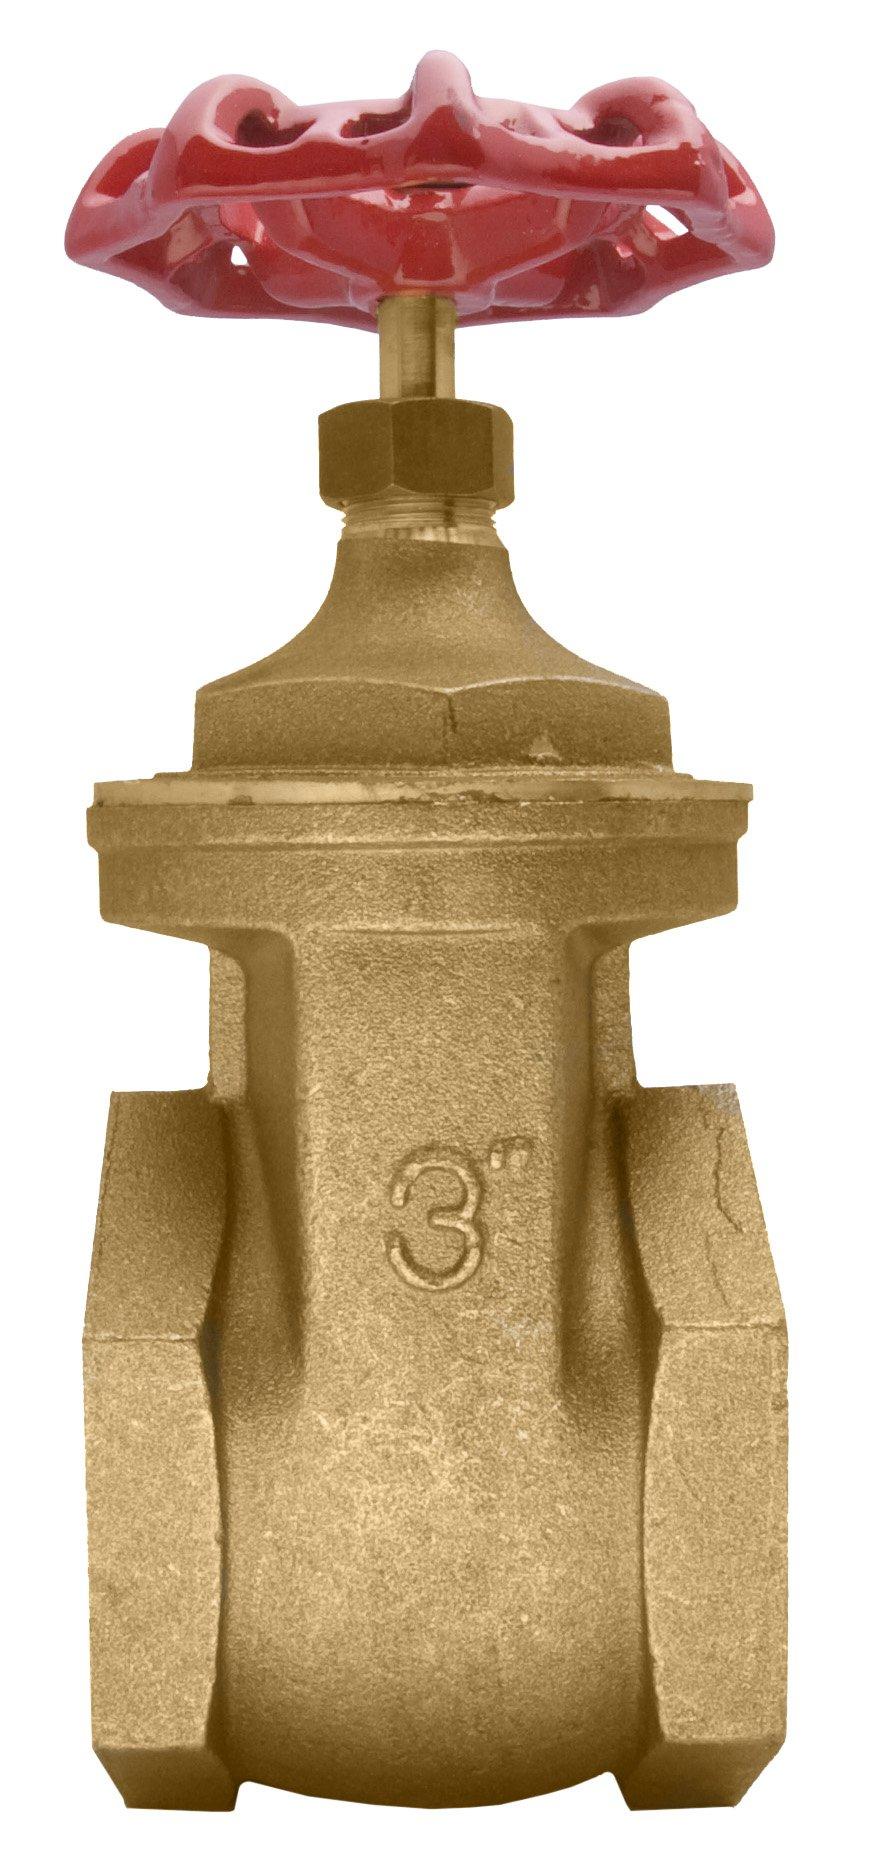 3'' Brass Gate Valve - 200WOG, FxF NPT